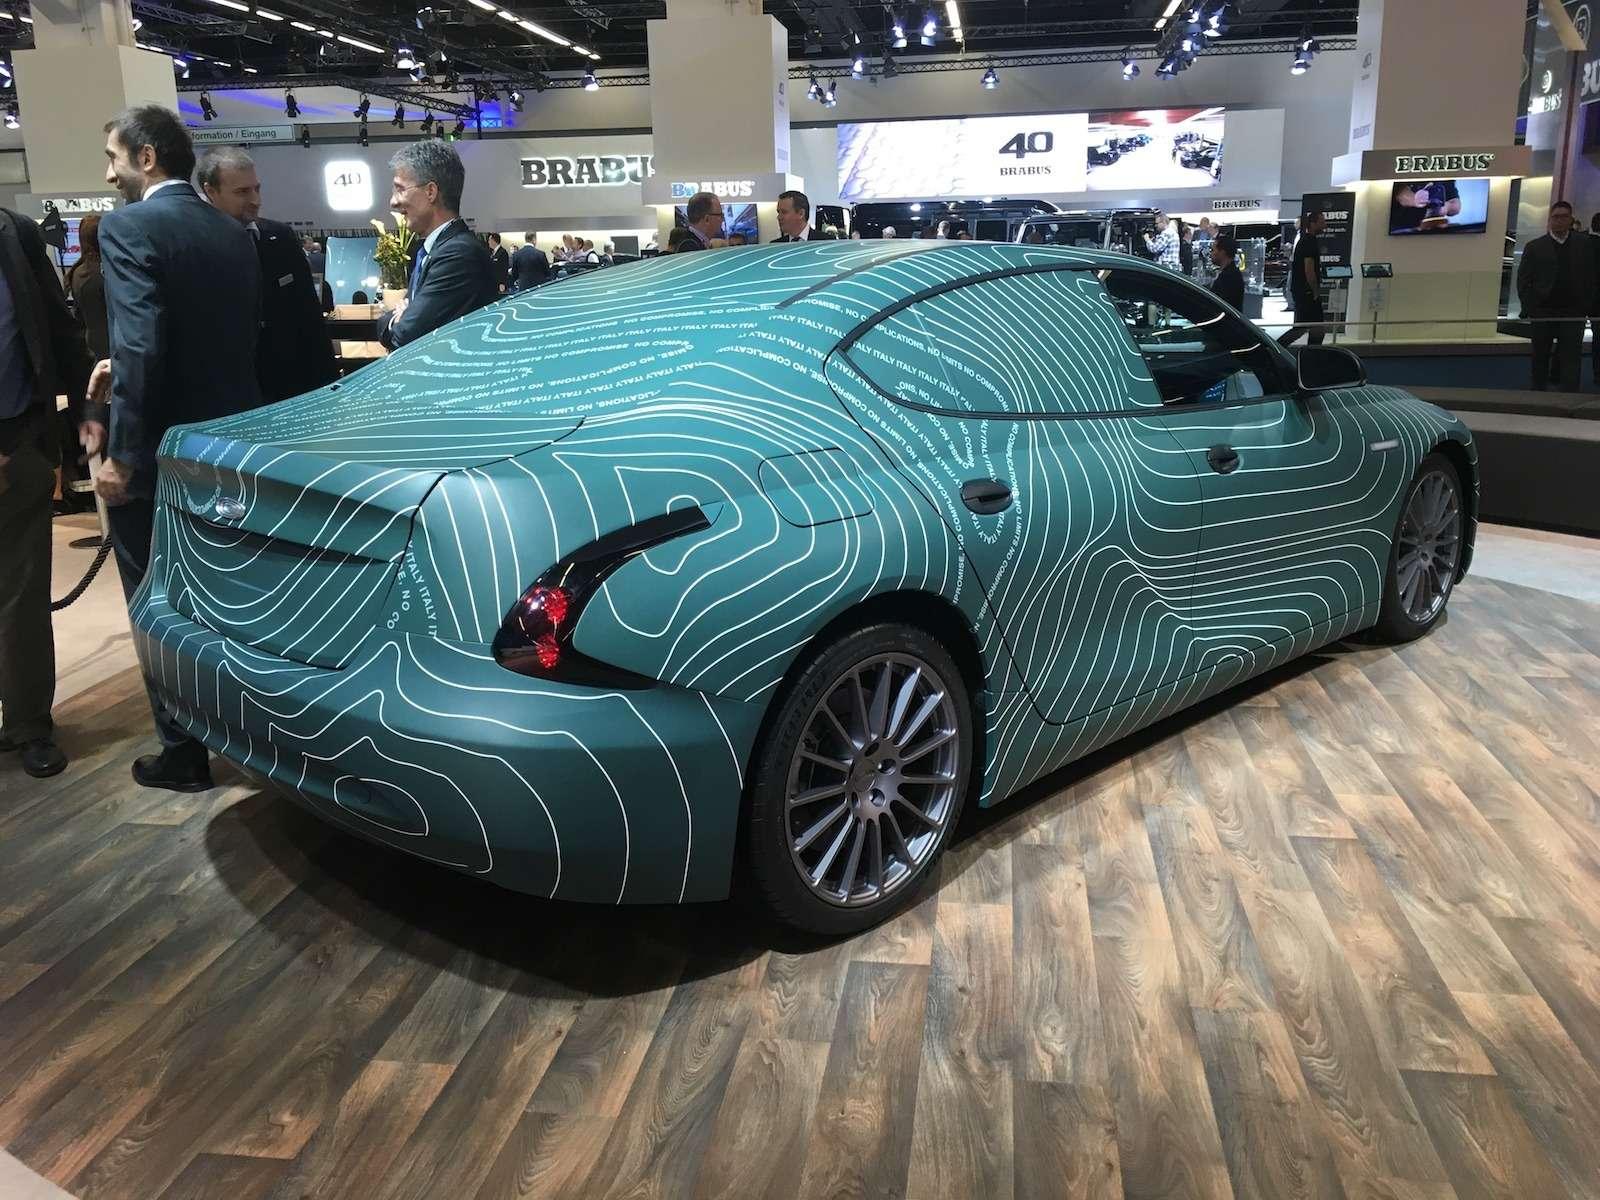 Новый Duster идругие премьеры автосалона воФранкфурте: онлайн-трансляция. Часть 1— фото 793698